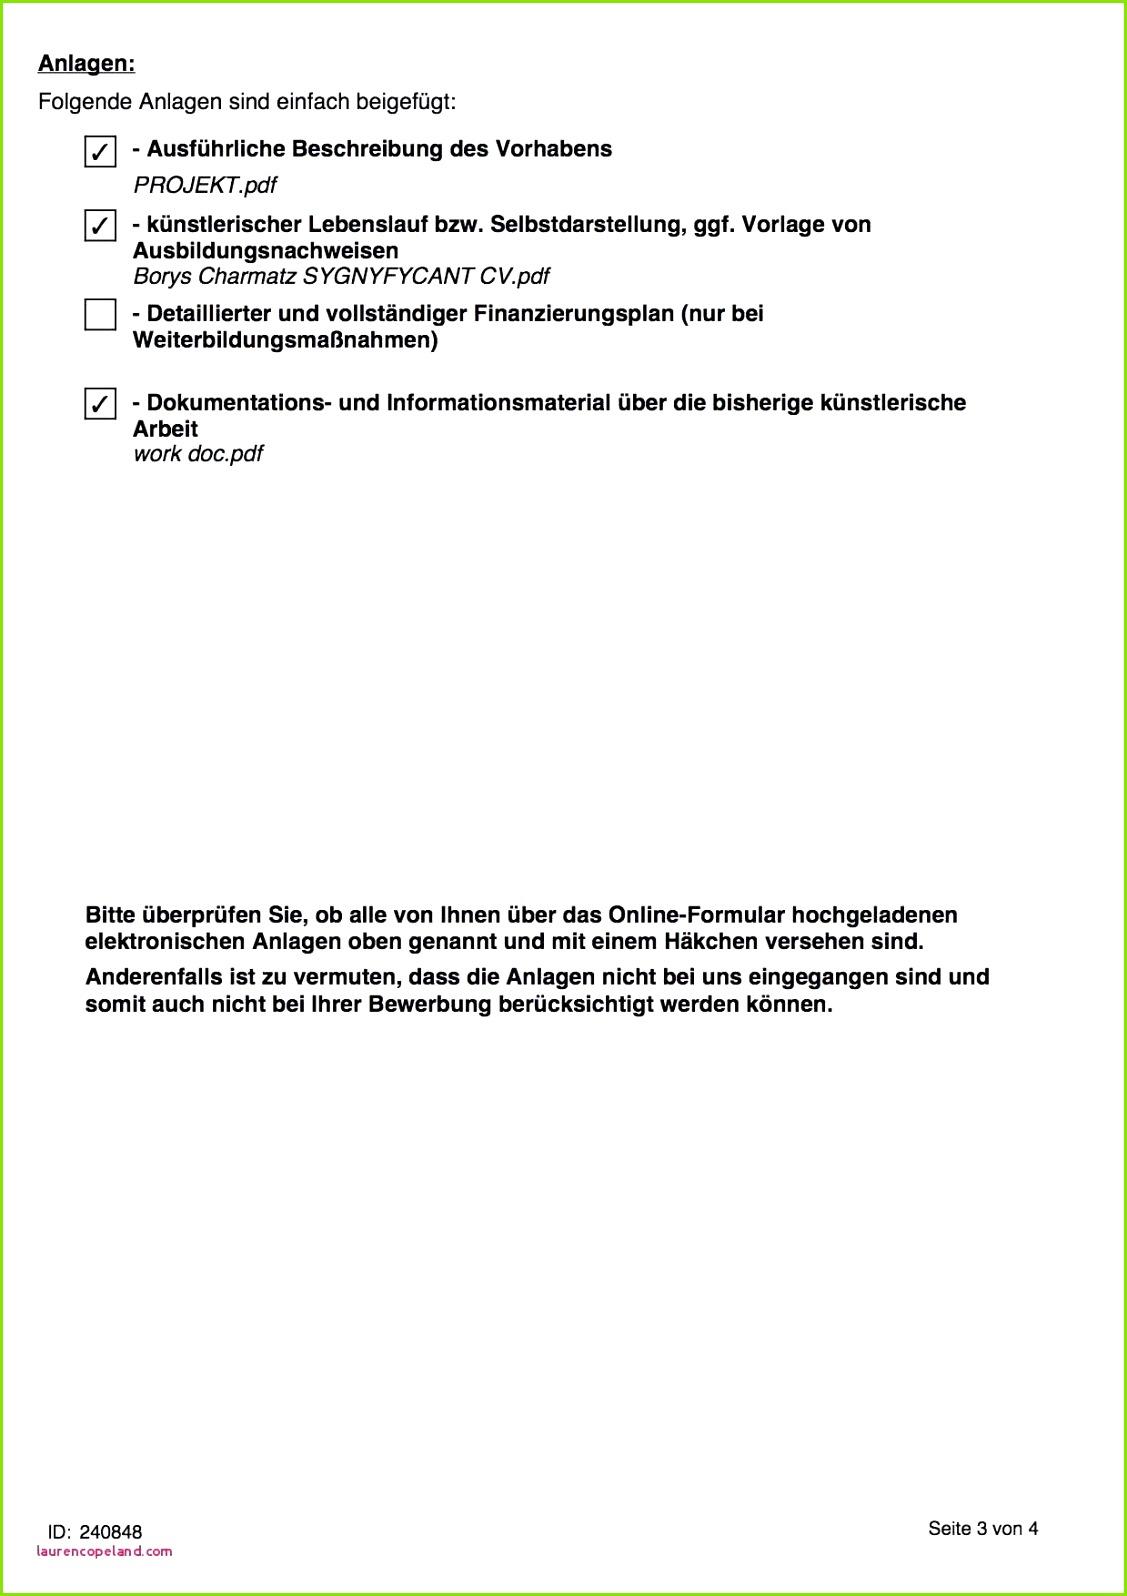 Burgschaft Fur Vermieter Vorlage Eur Lex R2454 En Eur Lex Verschwenderisch Burgschaft Kredit Vorlage